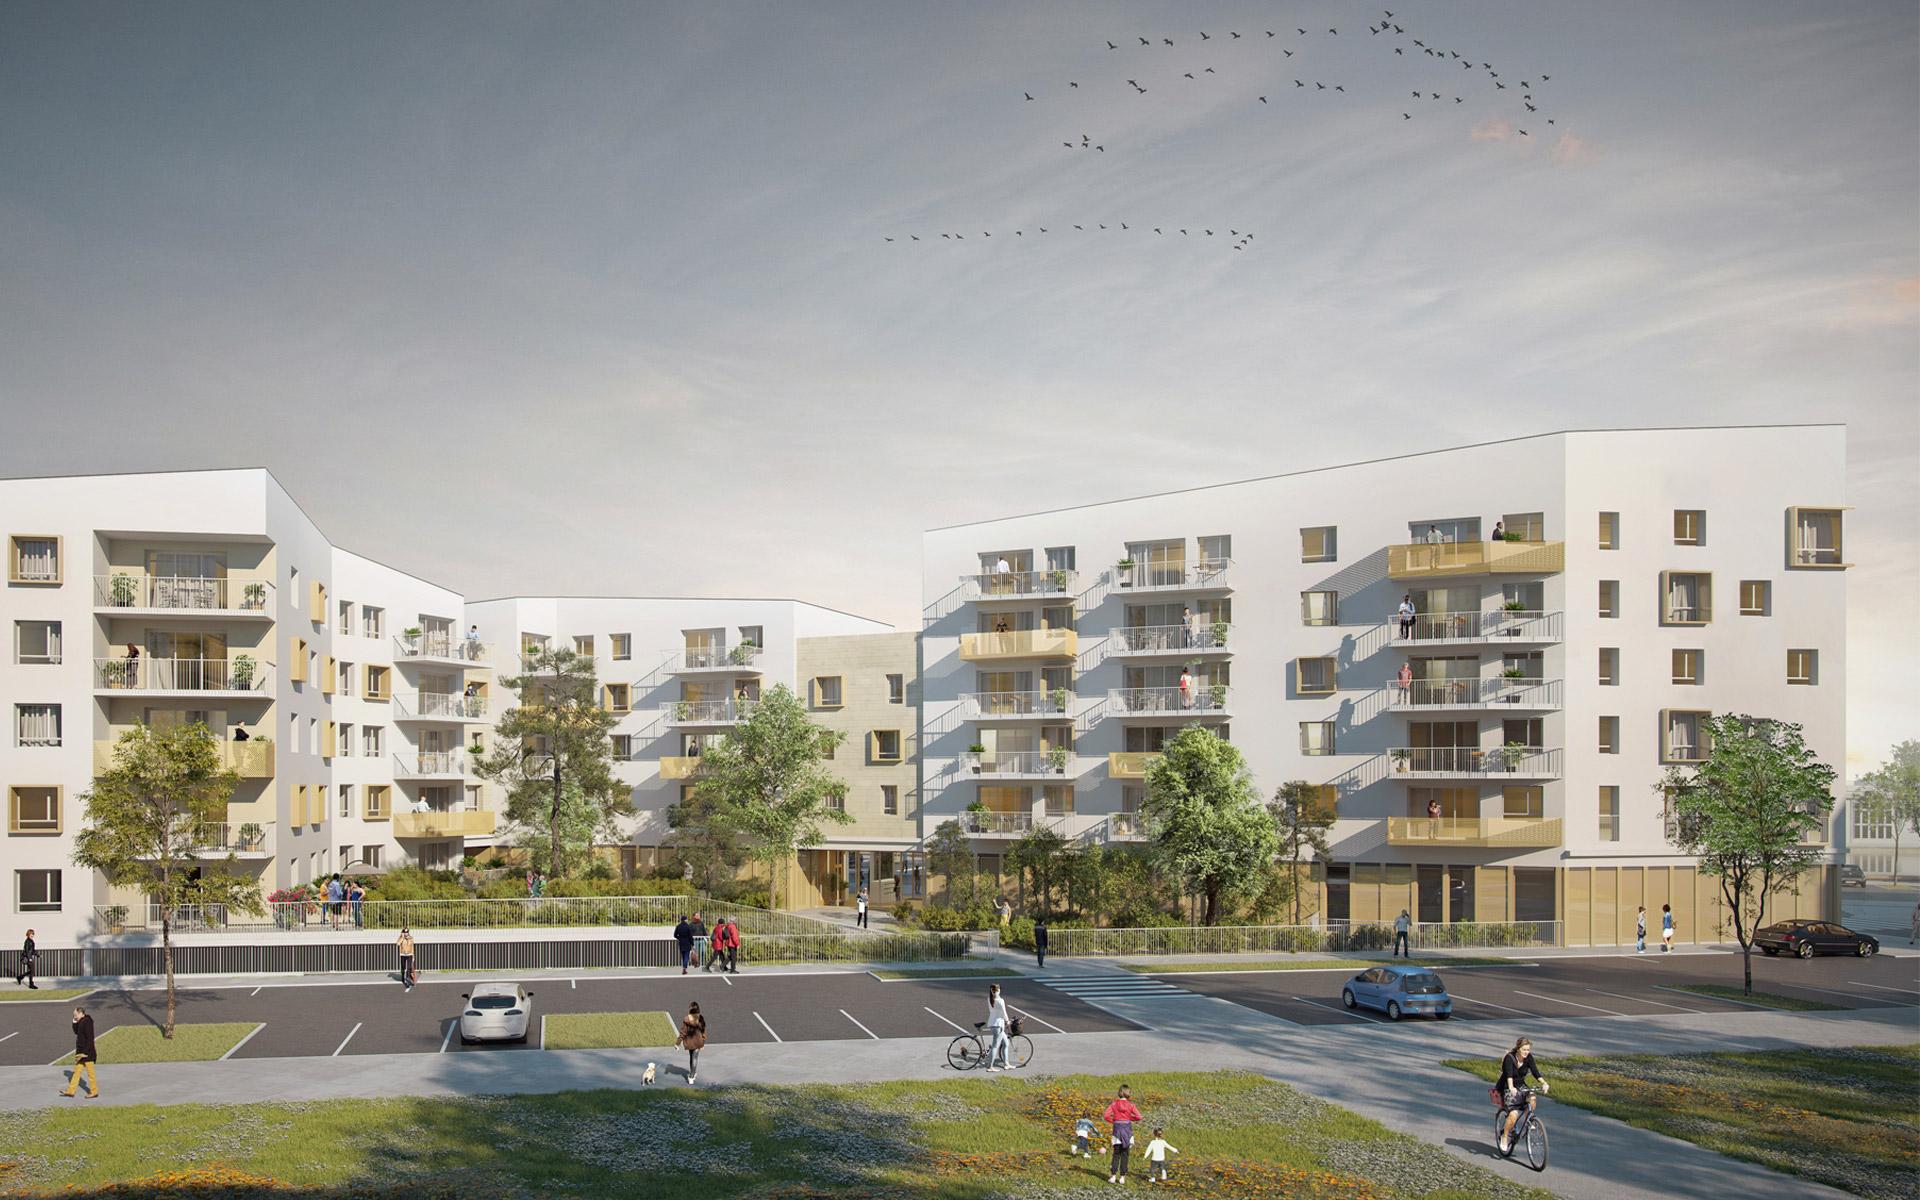 quai-vandeuvre-03-caen-architecture-bretagne-paumier-architectes-1920×1200